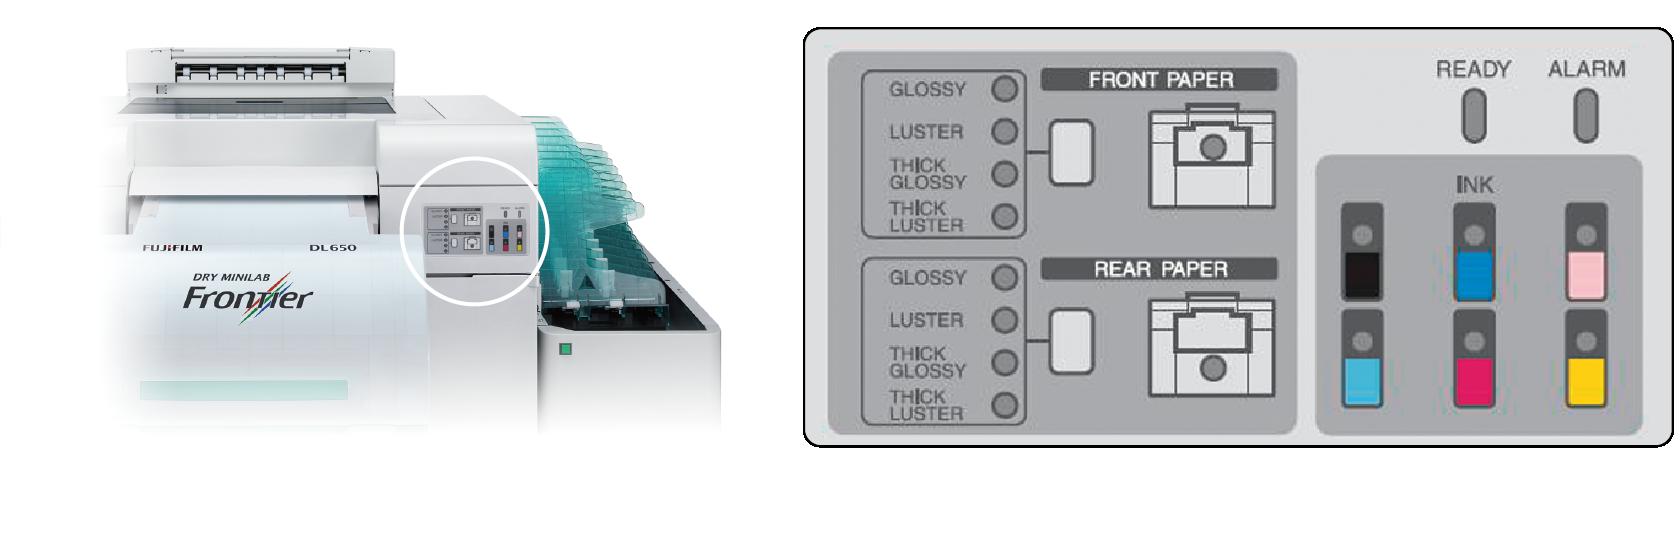 [imagen] Parte frontal de la Frontier DL650 con el panel de operación encerrado en un círculo y el primer plano de la pantalla del panel de operación